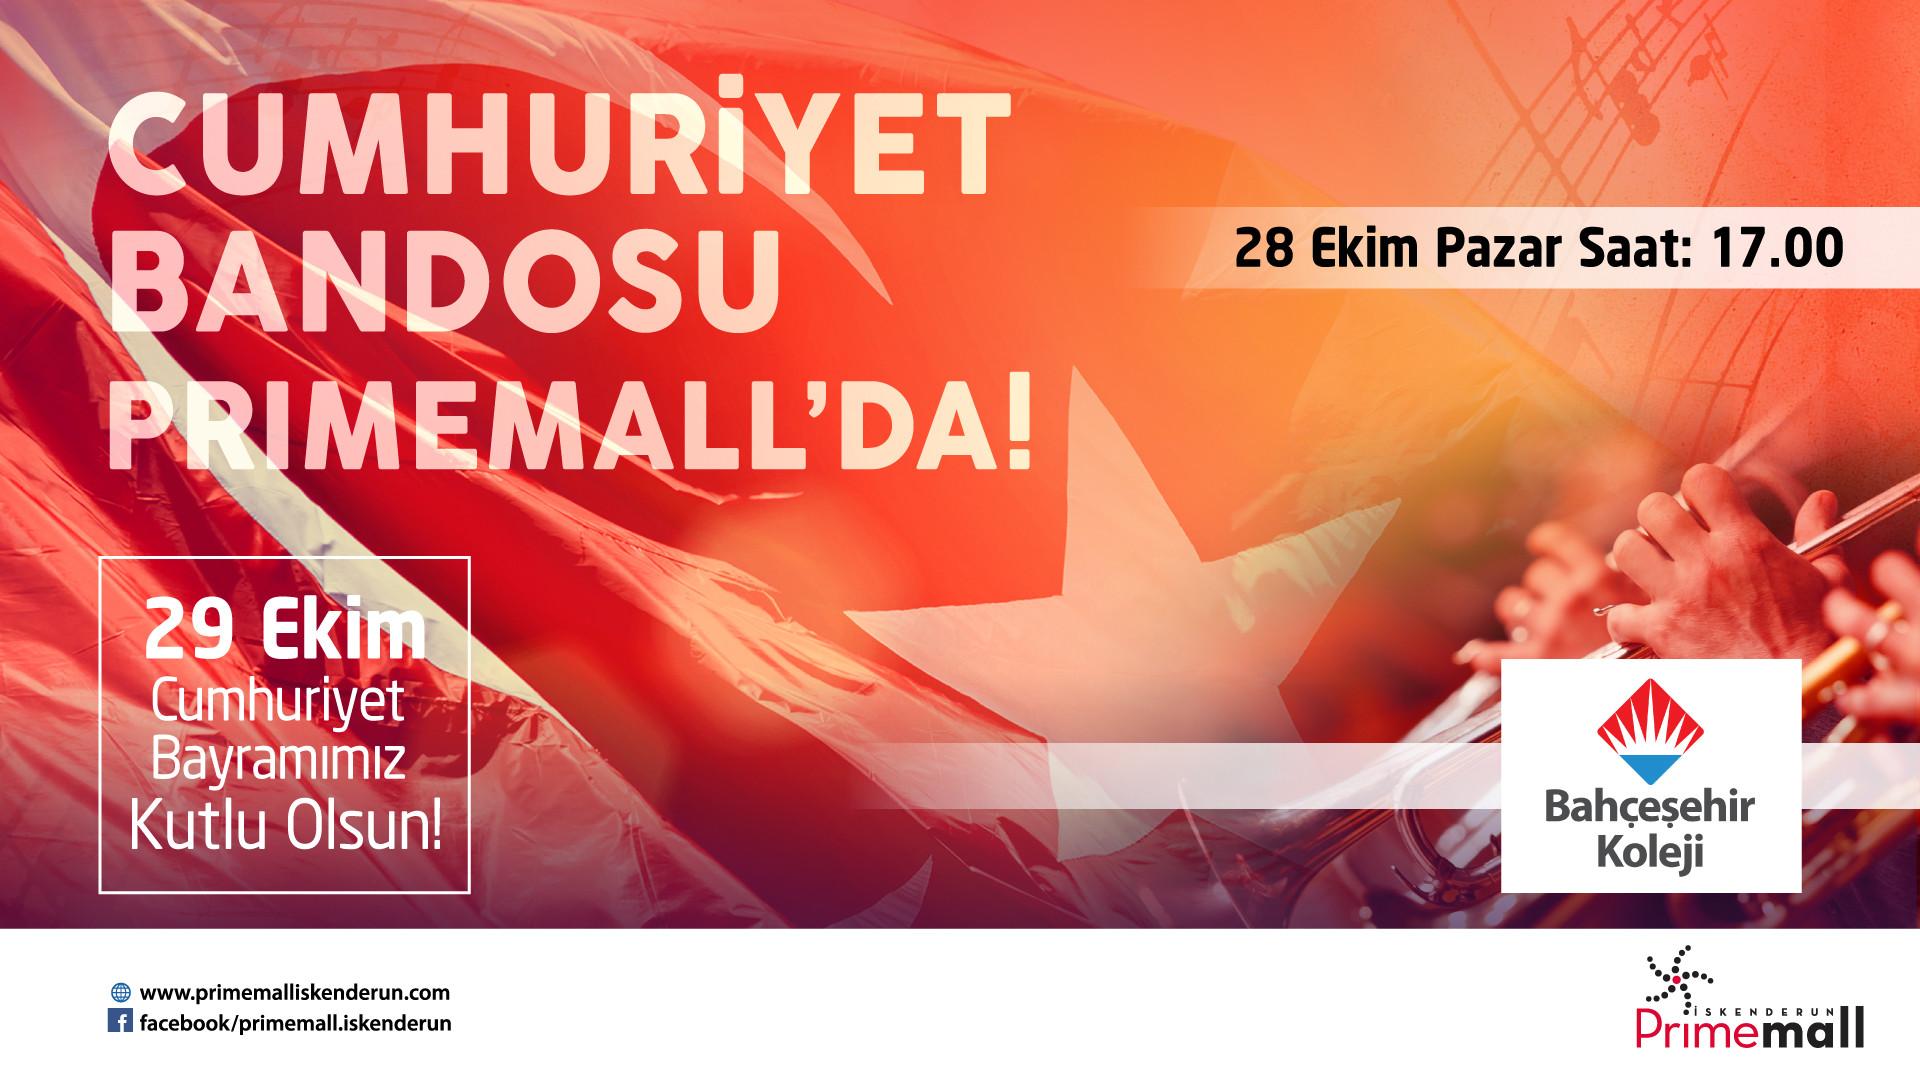 Cumhuriyet Bandosu Primemall'da